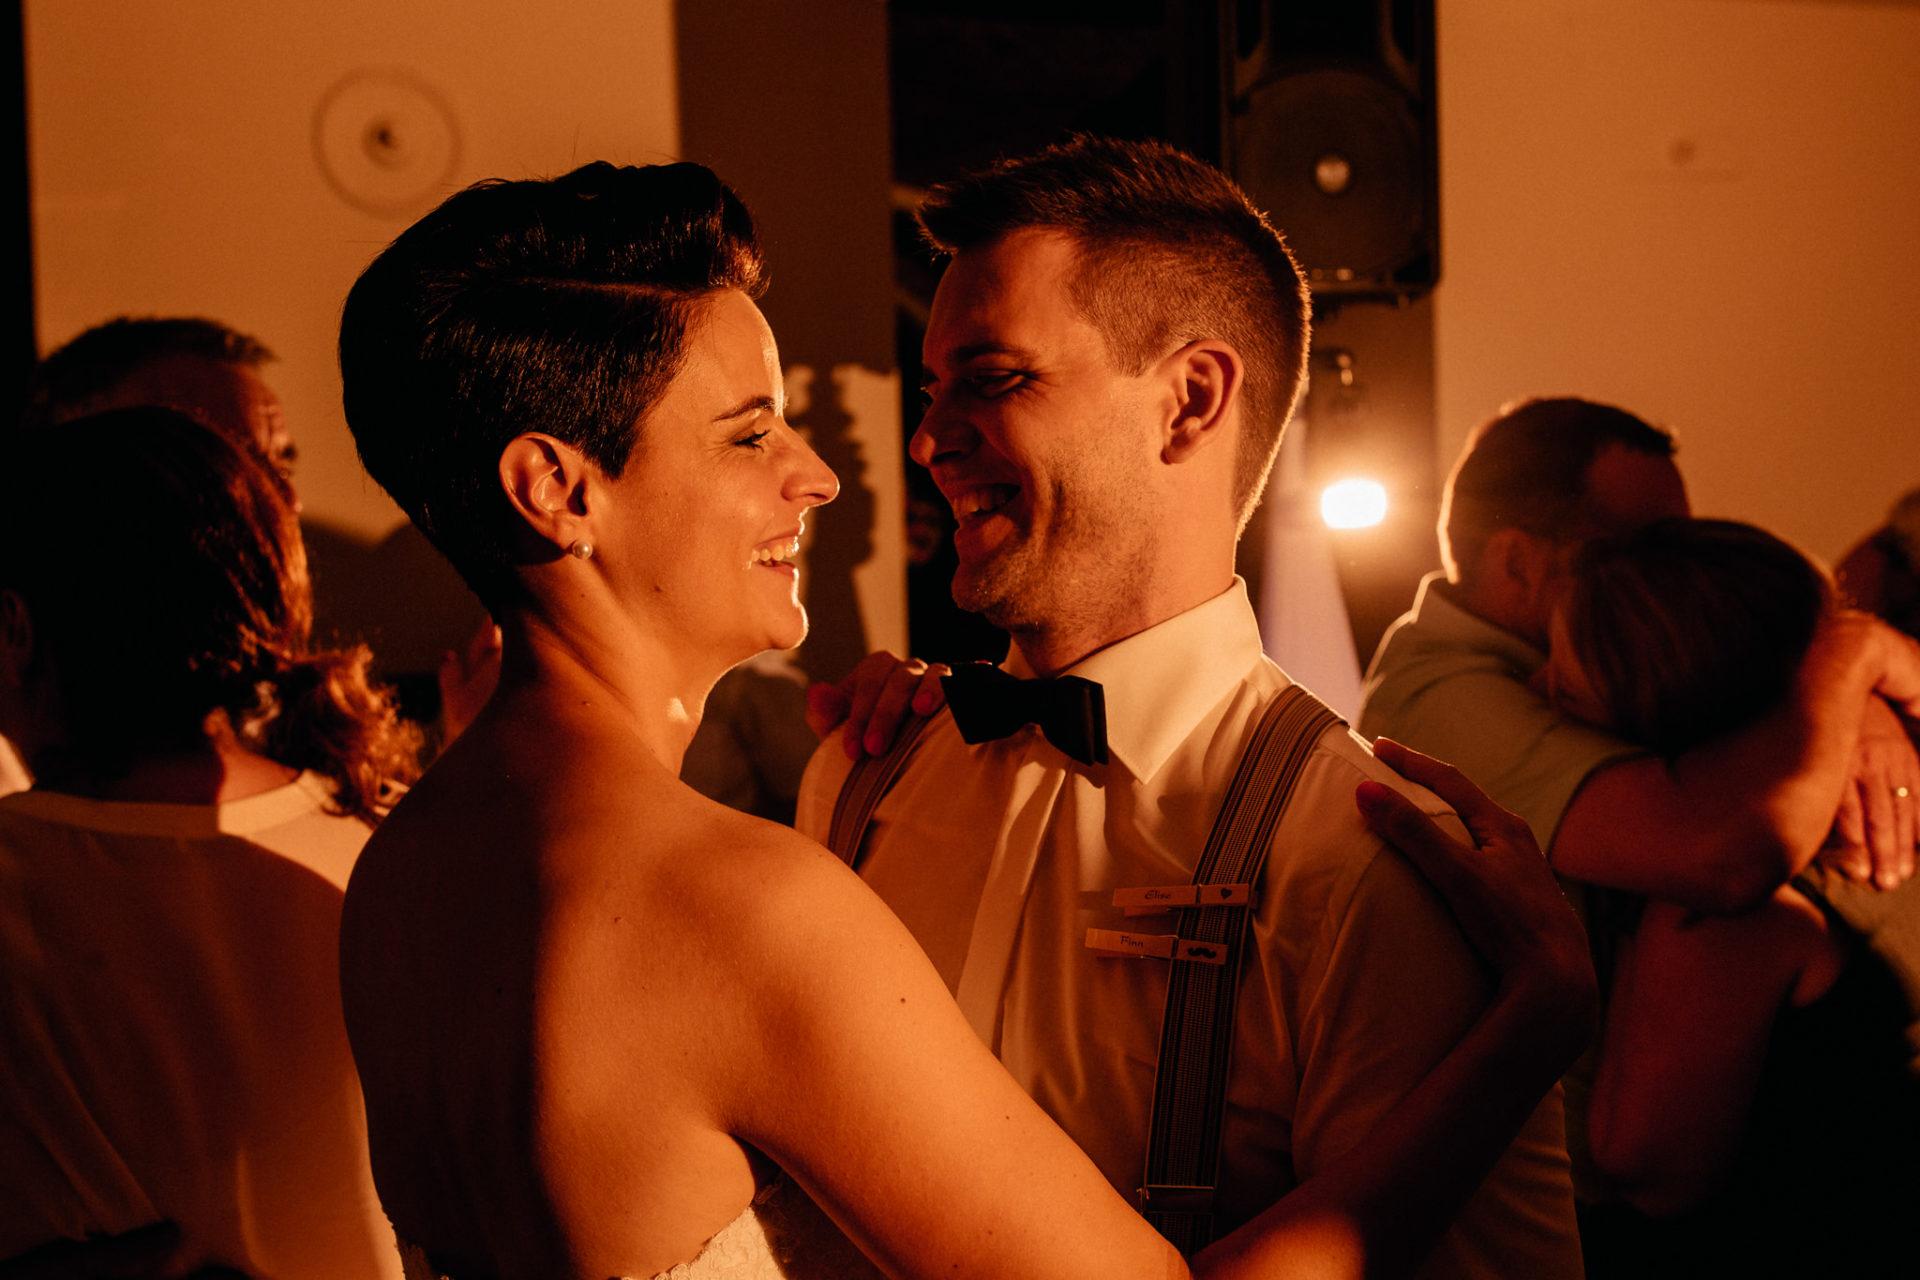 Weingut Fitz Ritter Hochzeitsfotograf-heiraten Pfalz-Sommerhochzeit Party